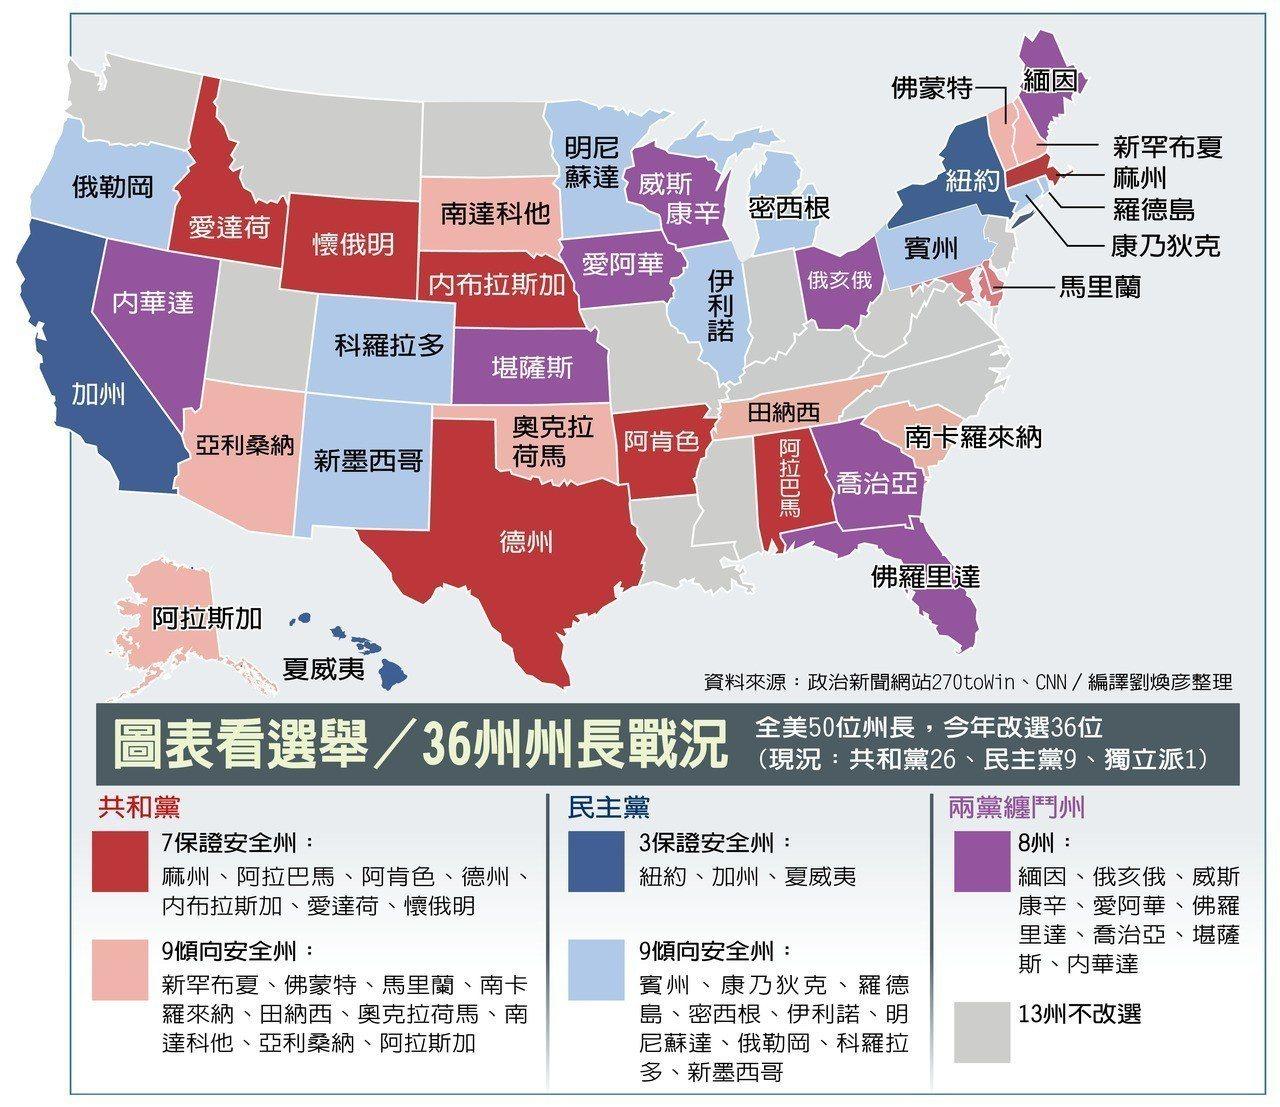 美期中選舉,36州改選州長,13州影響兩黨版圖。圖/世界日報製